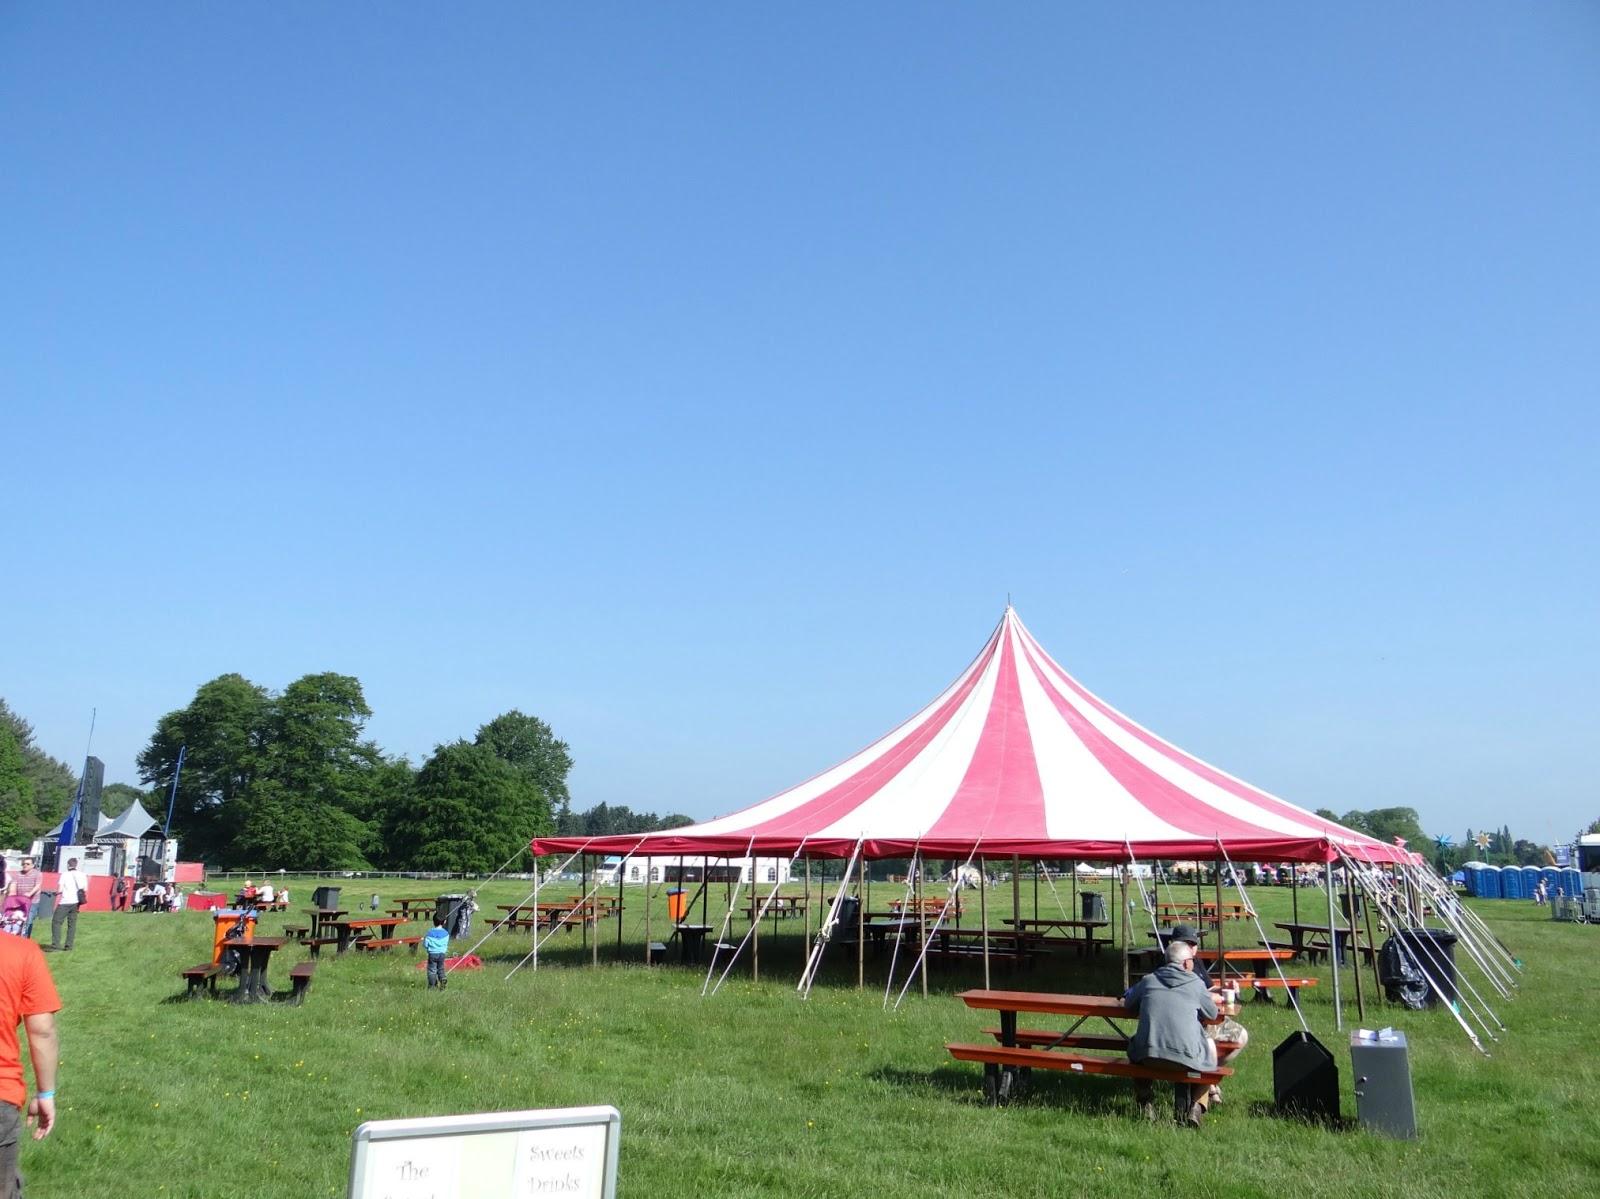 Geronimo Festival 2016, British family festival, Summer Festival